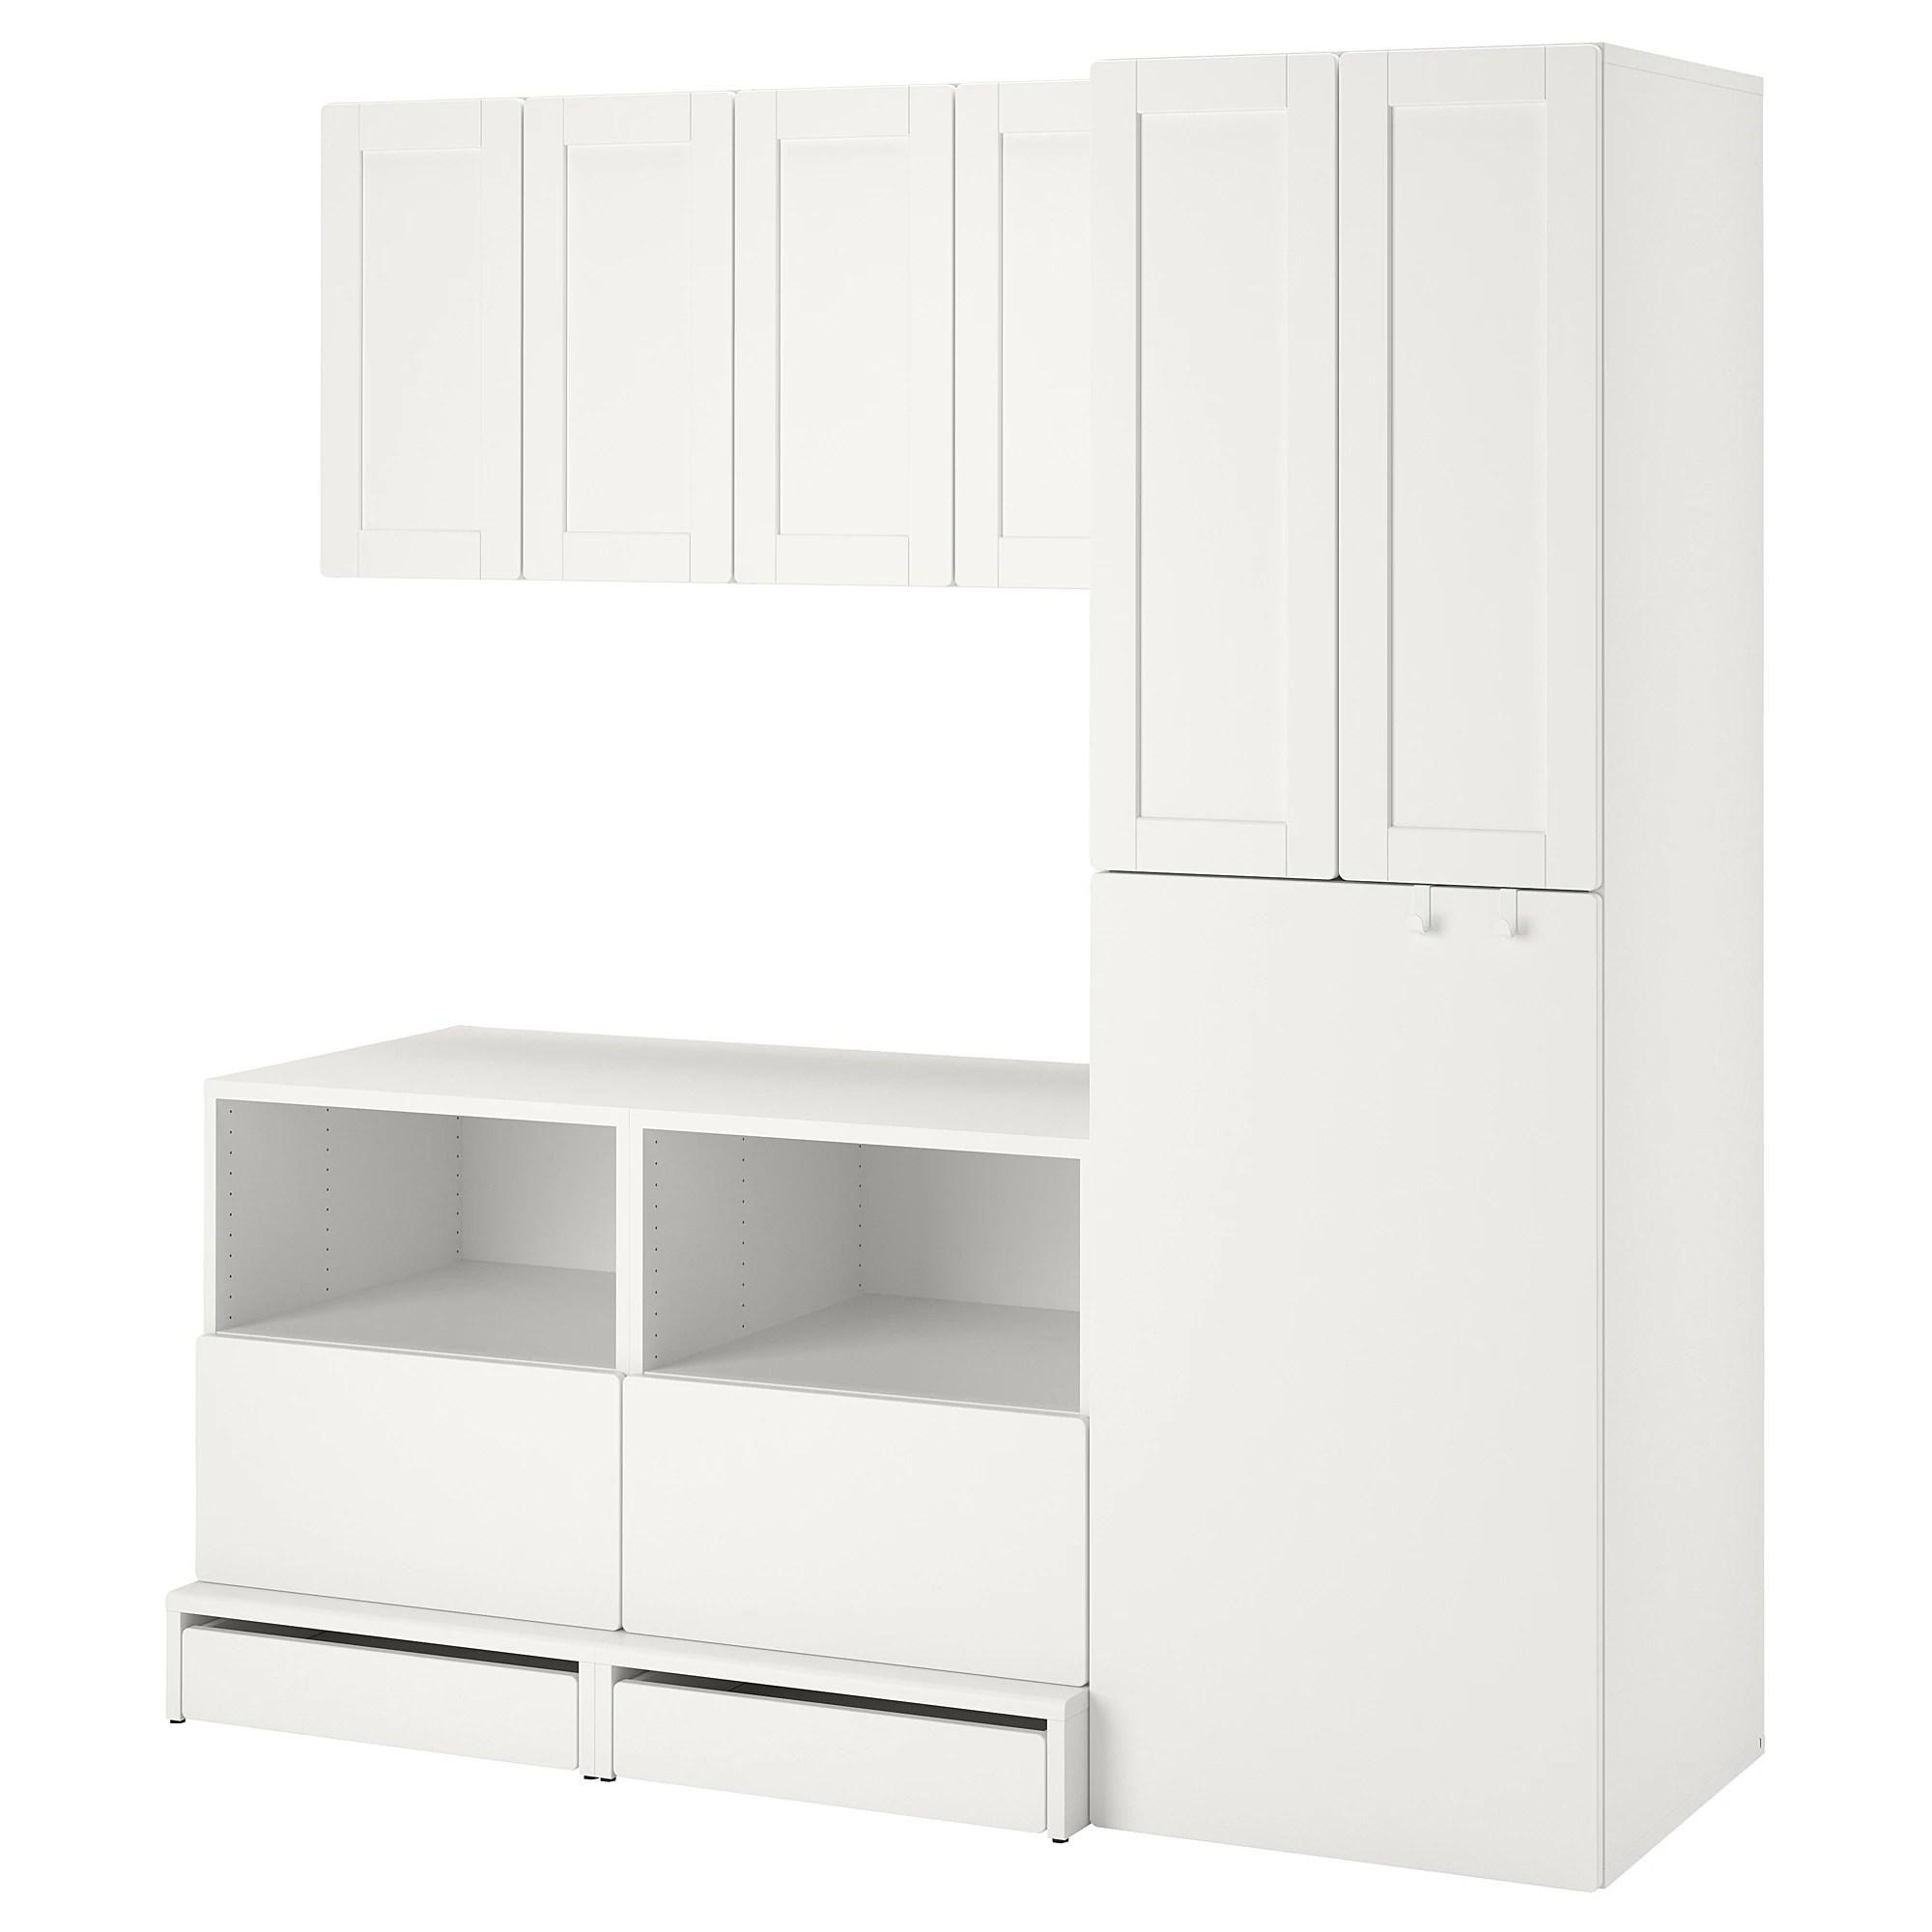 smastad uppfora meuble de rangement blanc avec cadre coulissant 70 7 8x21 5 8x77 1 8 180x55x196 cm